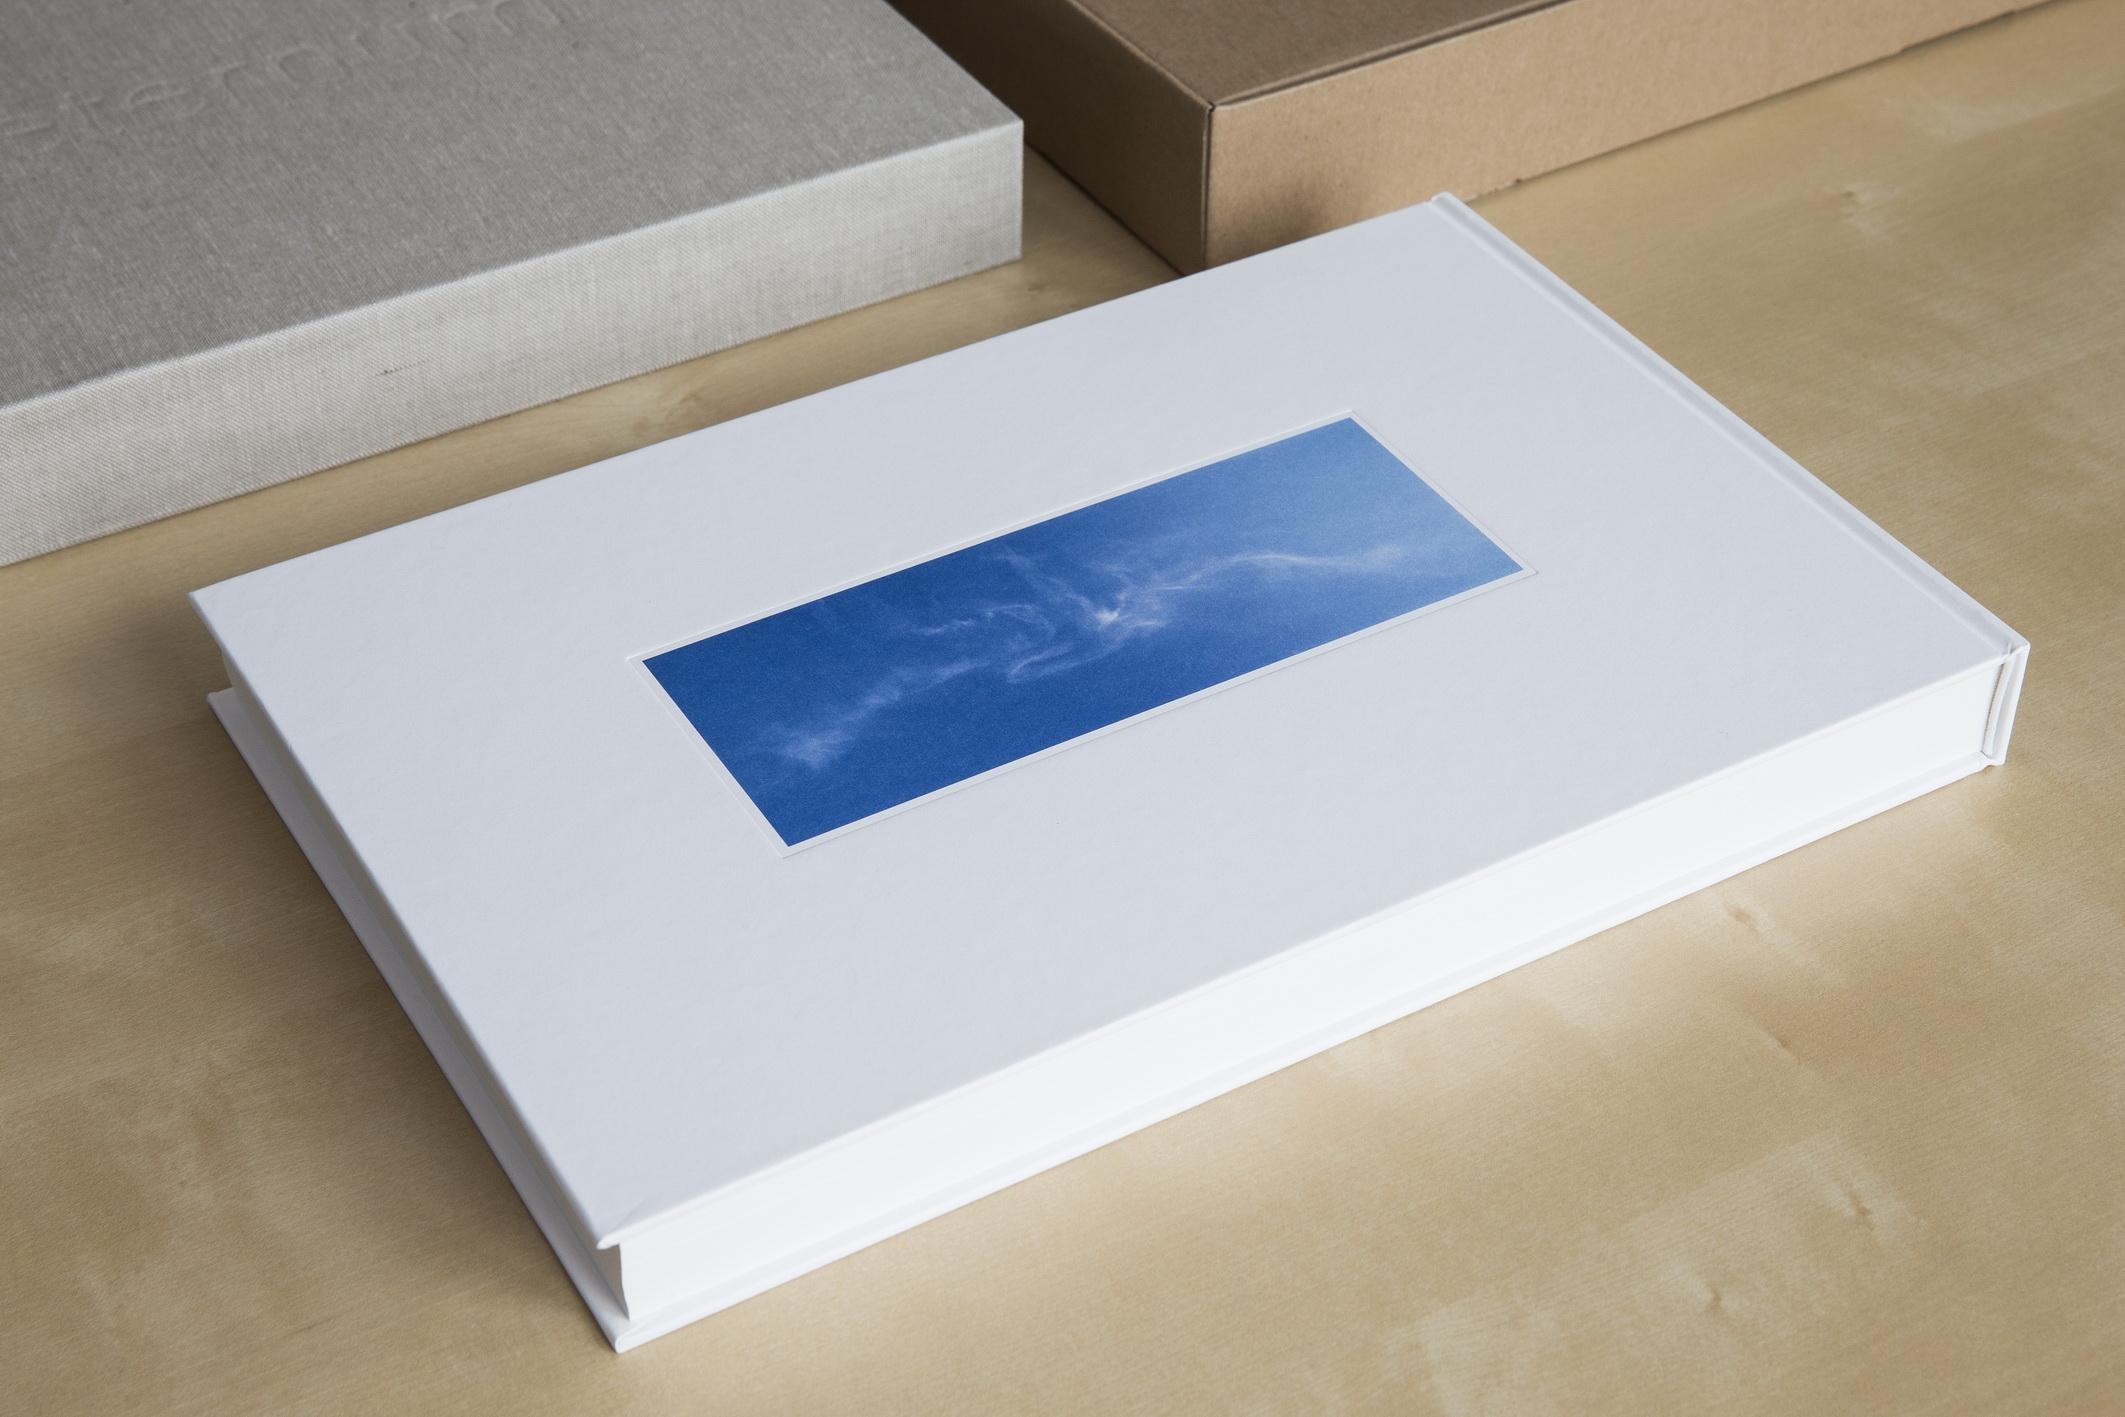 06-Album-AETERNUM-_resize.jpg